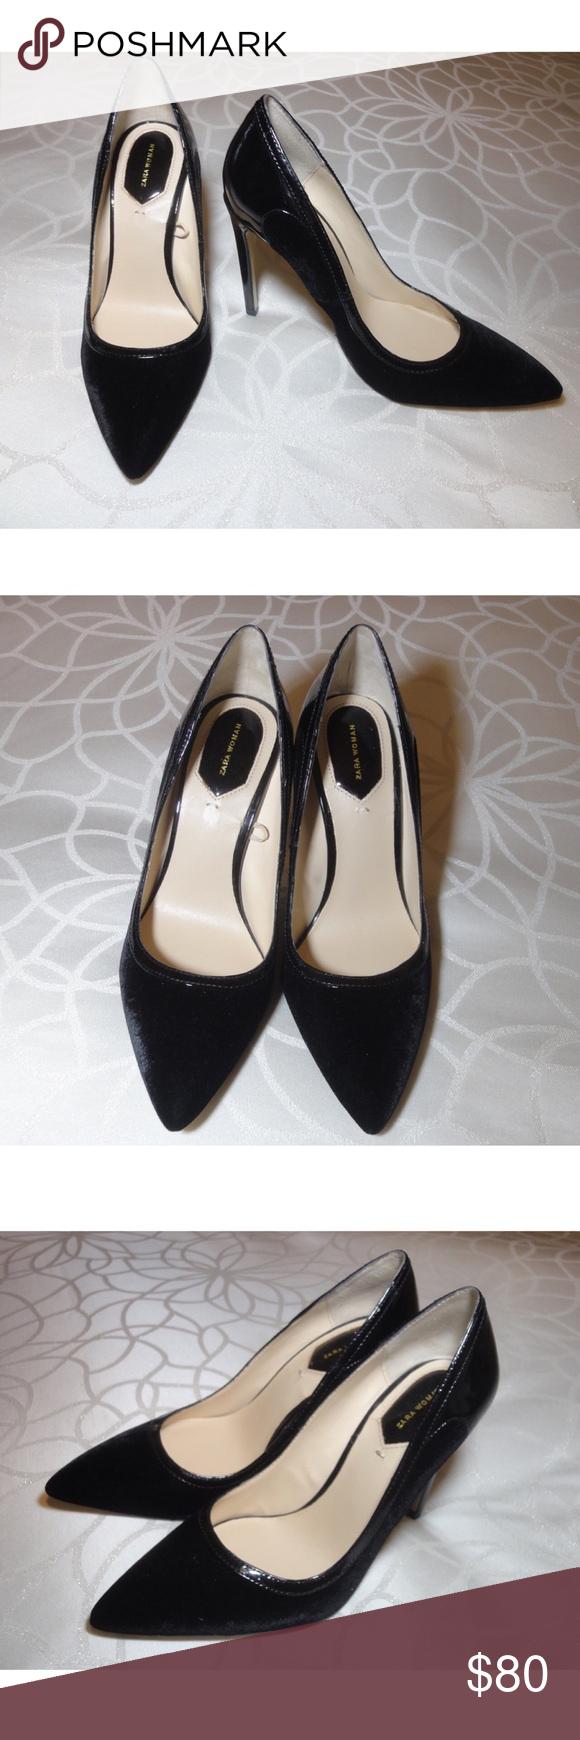 1412db46724 NWOT Zara Velvet Heels Beautiful Zara velvet heels. Brand new